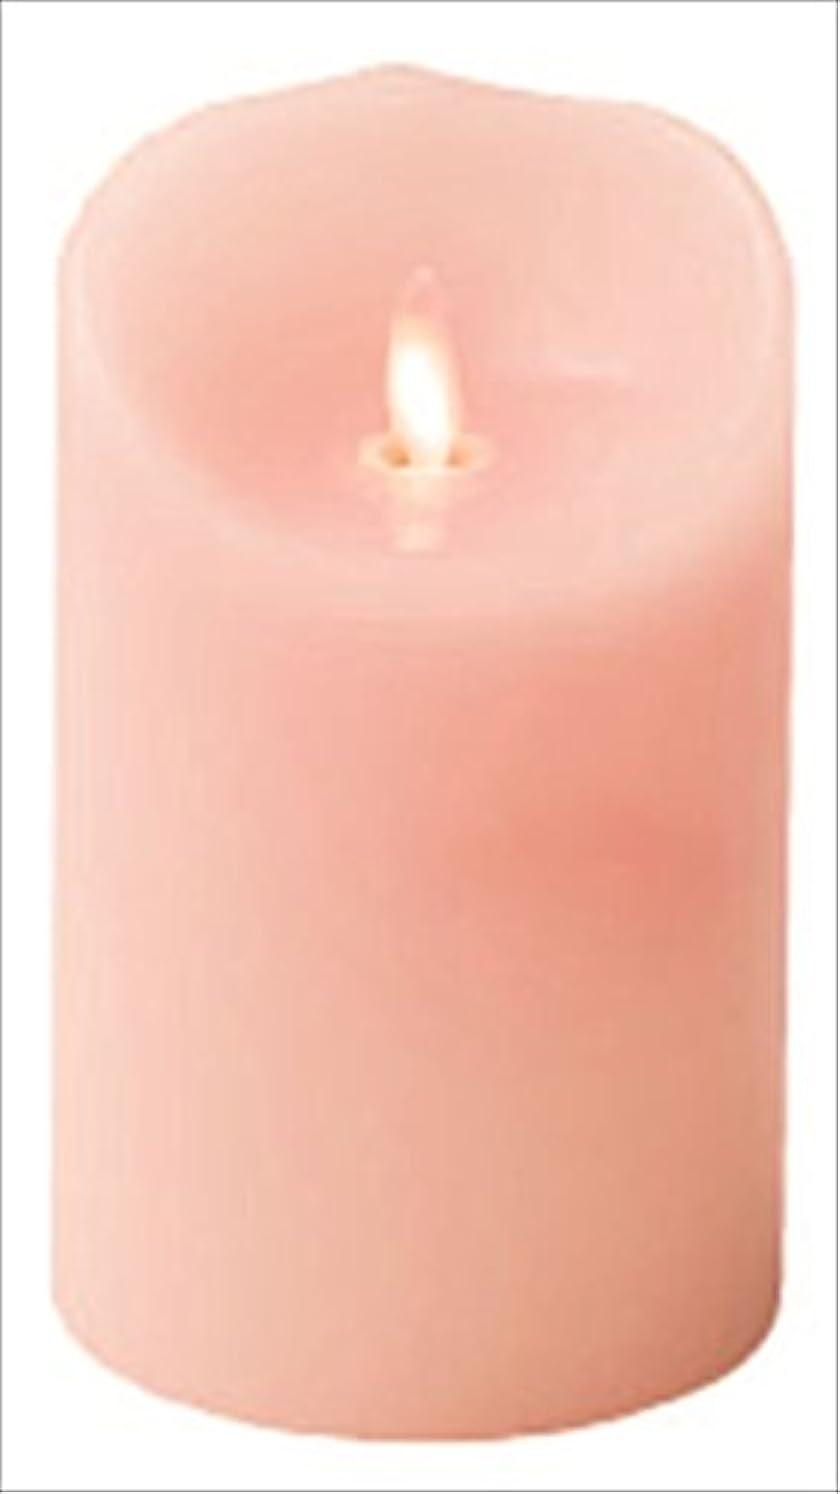 対応些細ホームLUMINARA(ルミナラ) LUMINARA(ルミナラ)ピラー3.5×5【ボックスなし】 「 ピンク 」 03000000PK(03000000PK)